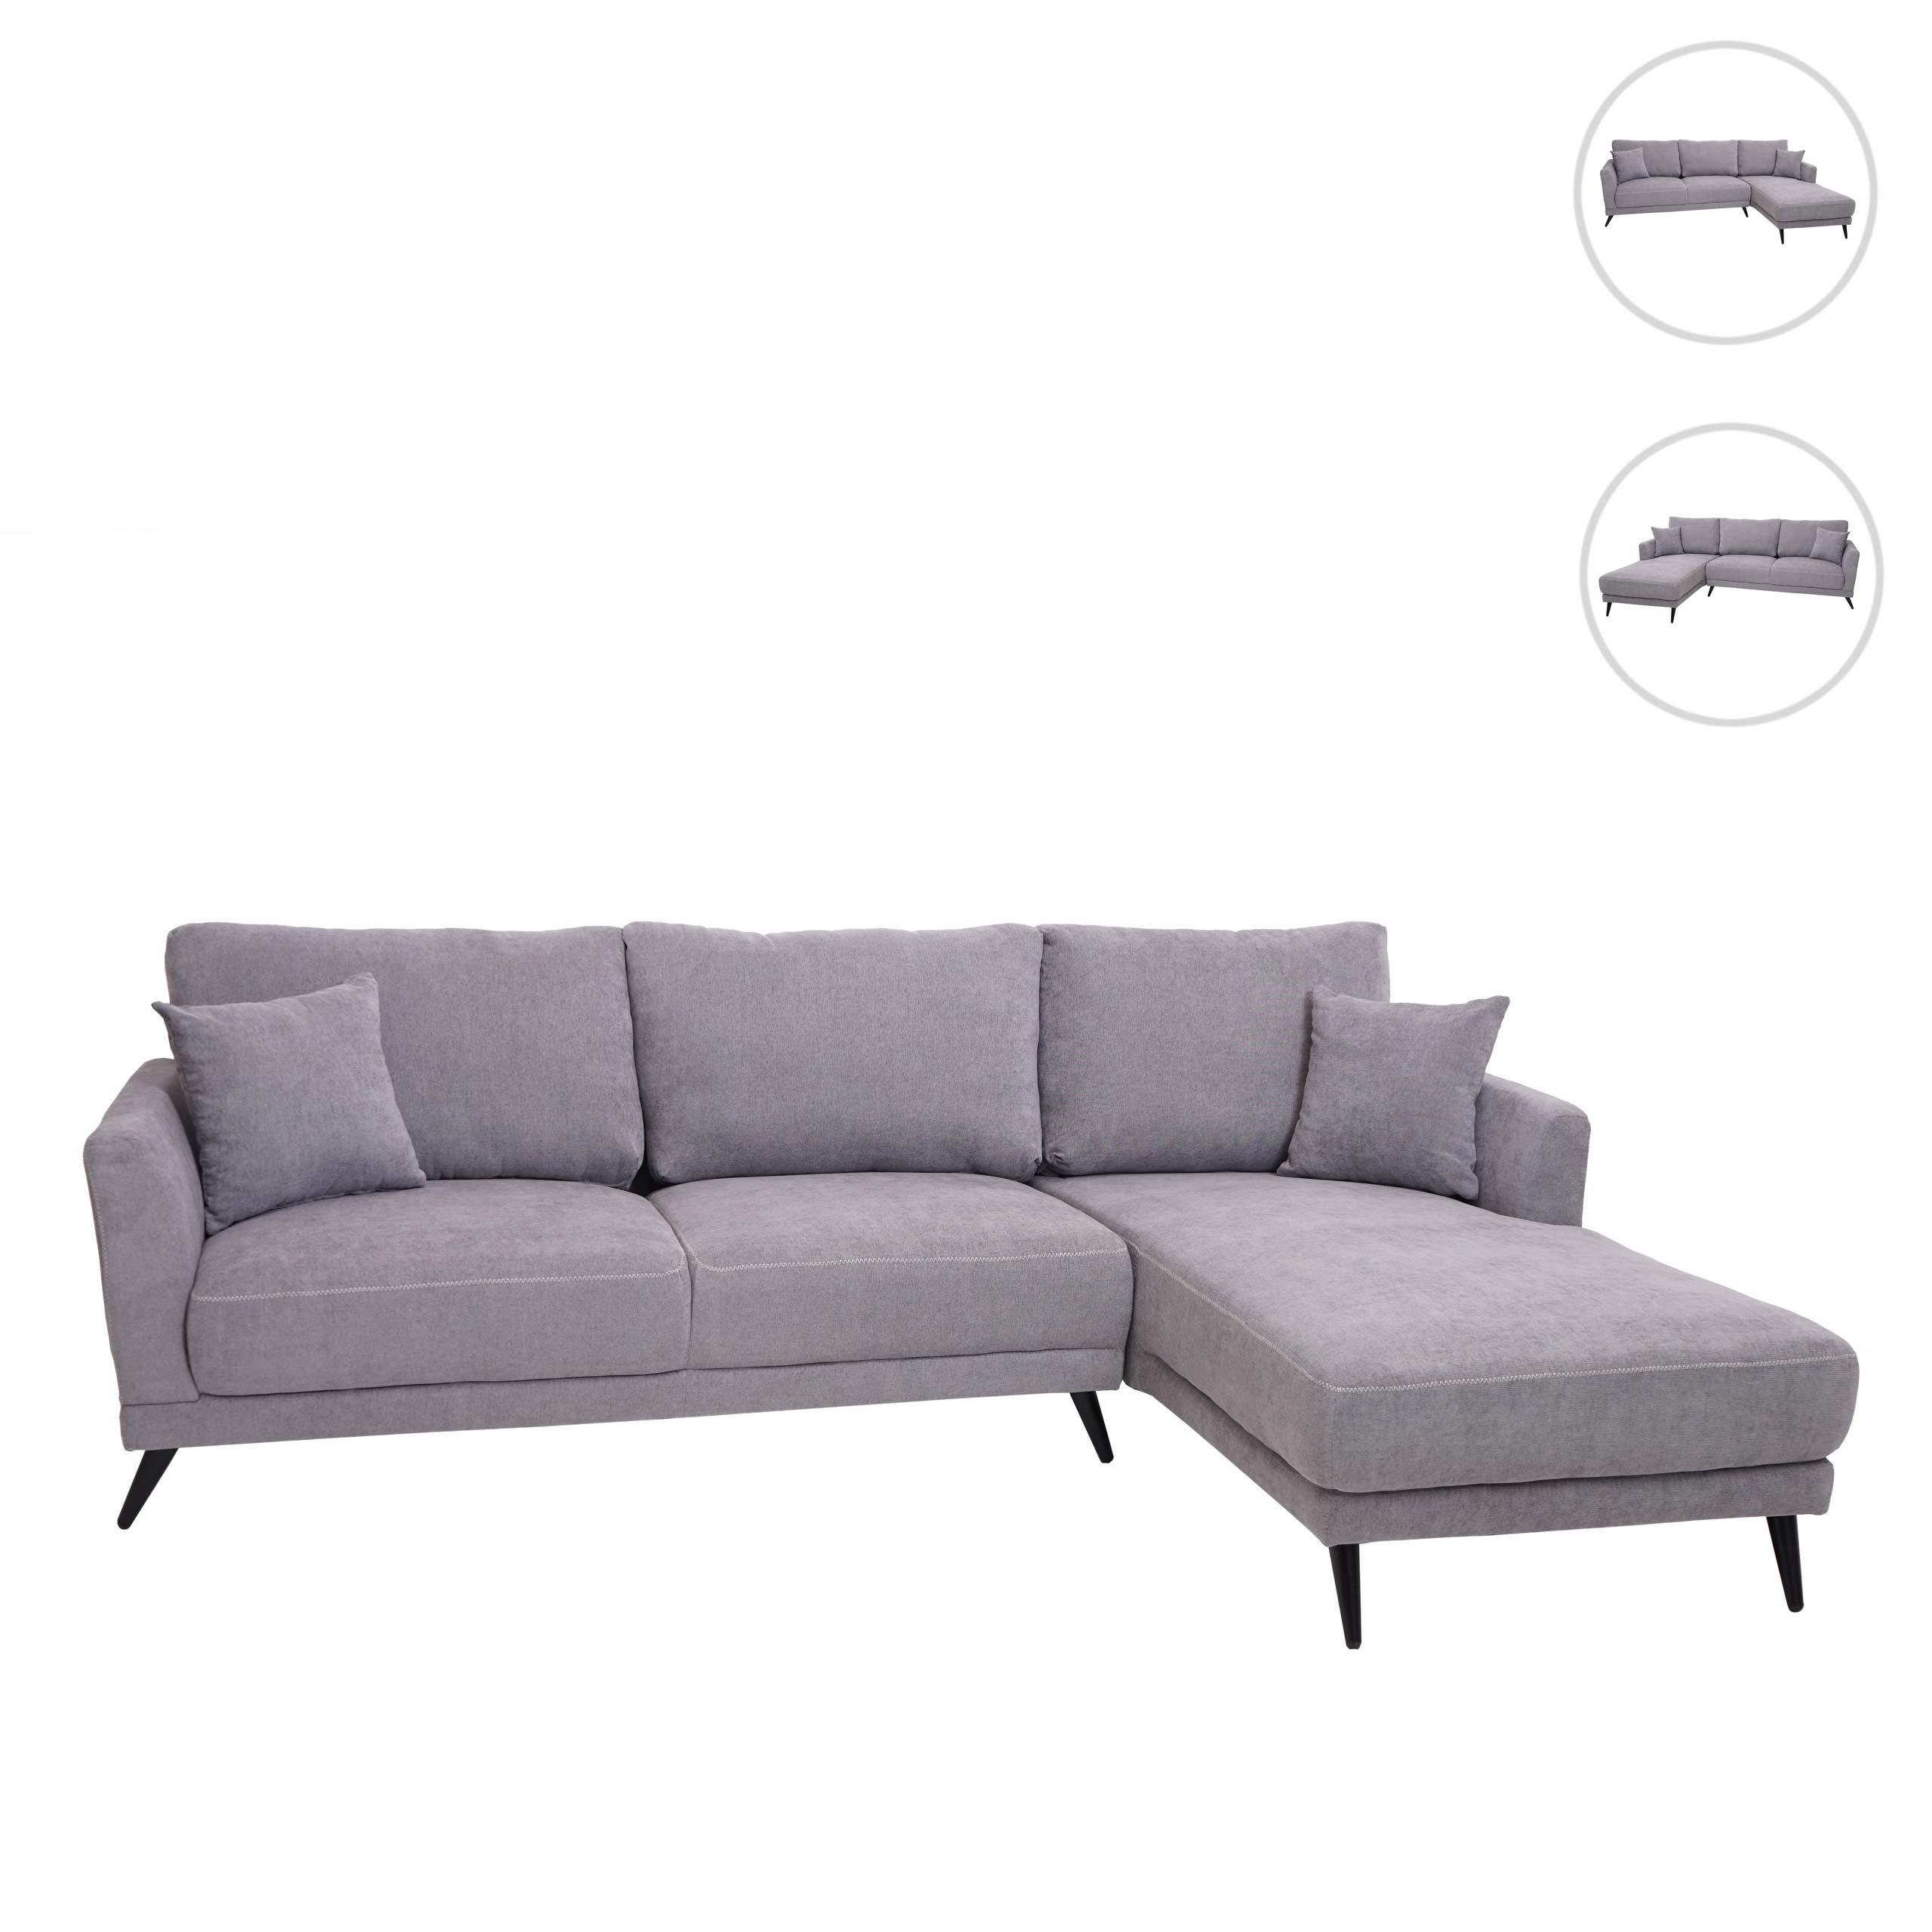 Mendler Sofa HWC-G45, Couch Ecksofa L-Form 3-Sitzer, Liegefläche Nosagfederung Taschenfederkern ~ Variantena 71602+71603